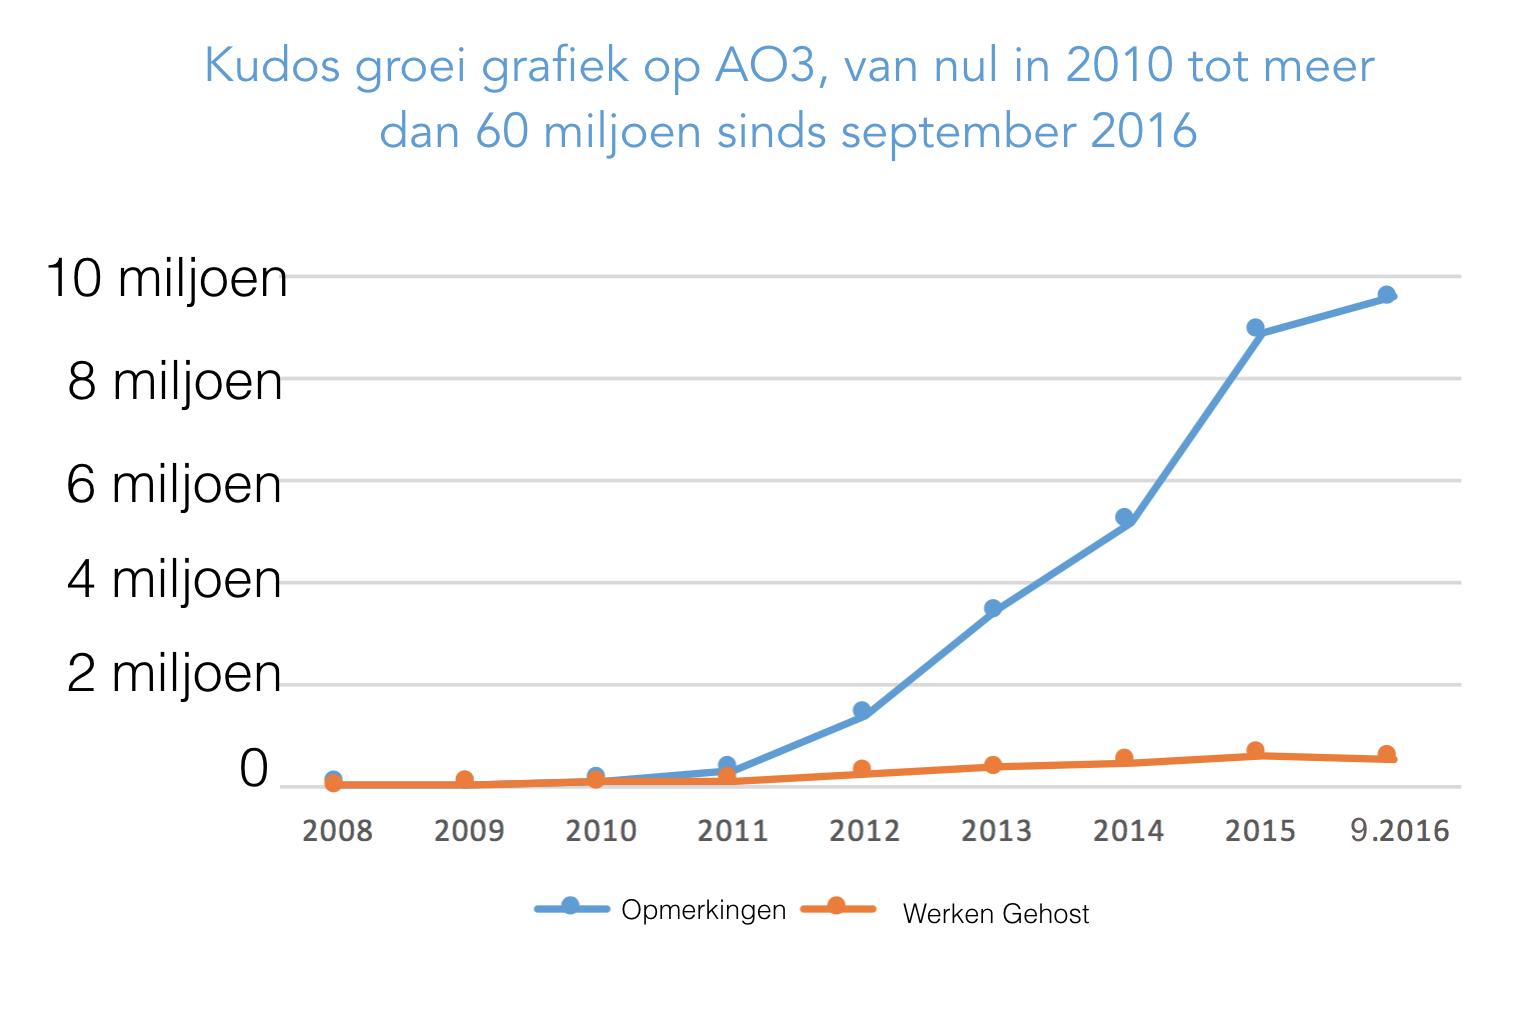 Groei grafiek voor werken en opmerkingen gemaakt voor elk jaar op AO3, beginnend bij nul in 2008 tot meer dan 500.000 werken en 9.5 miljoen opmerkingen alleen al dit jaar.